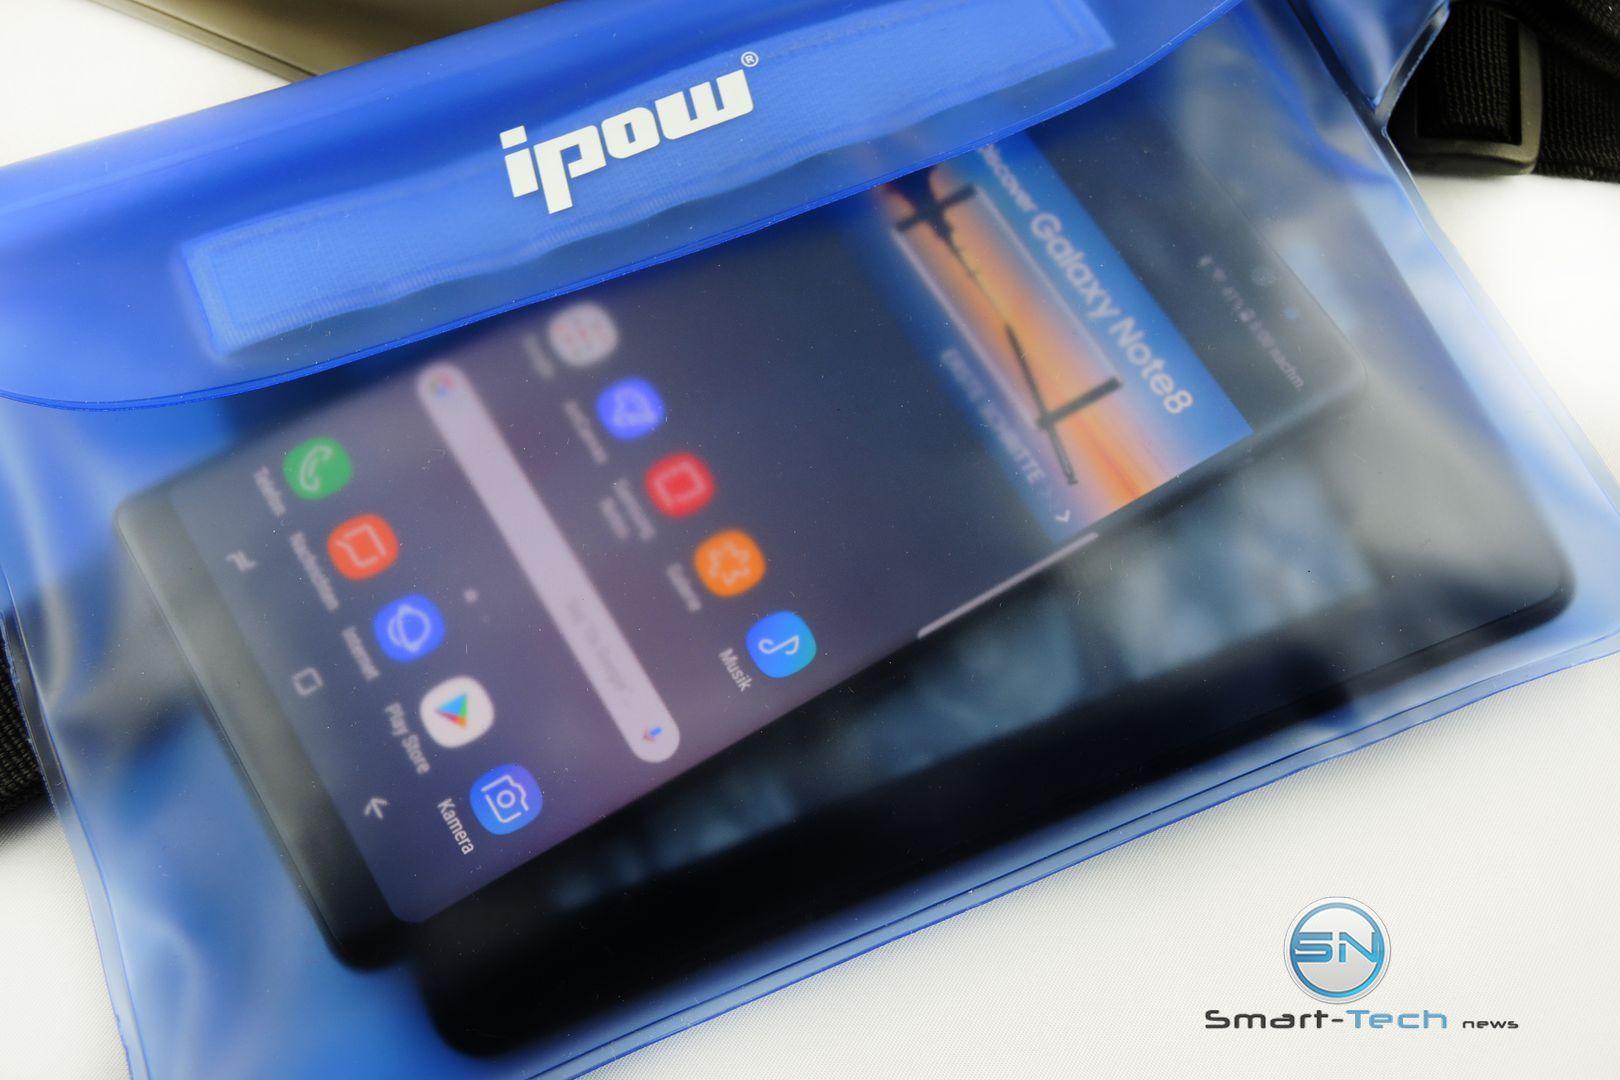 Ipow wasserdichte Tasche für Smartphones, iPadmini, Diving Card und eReader